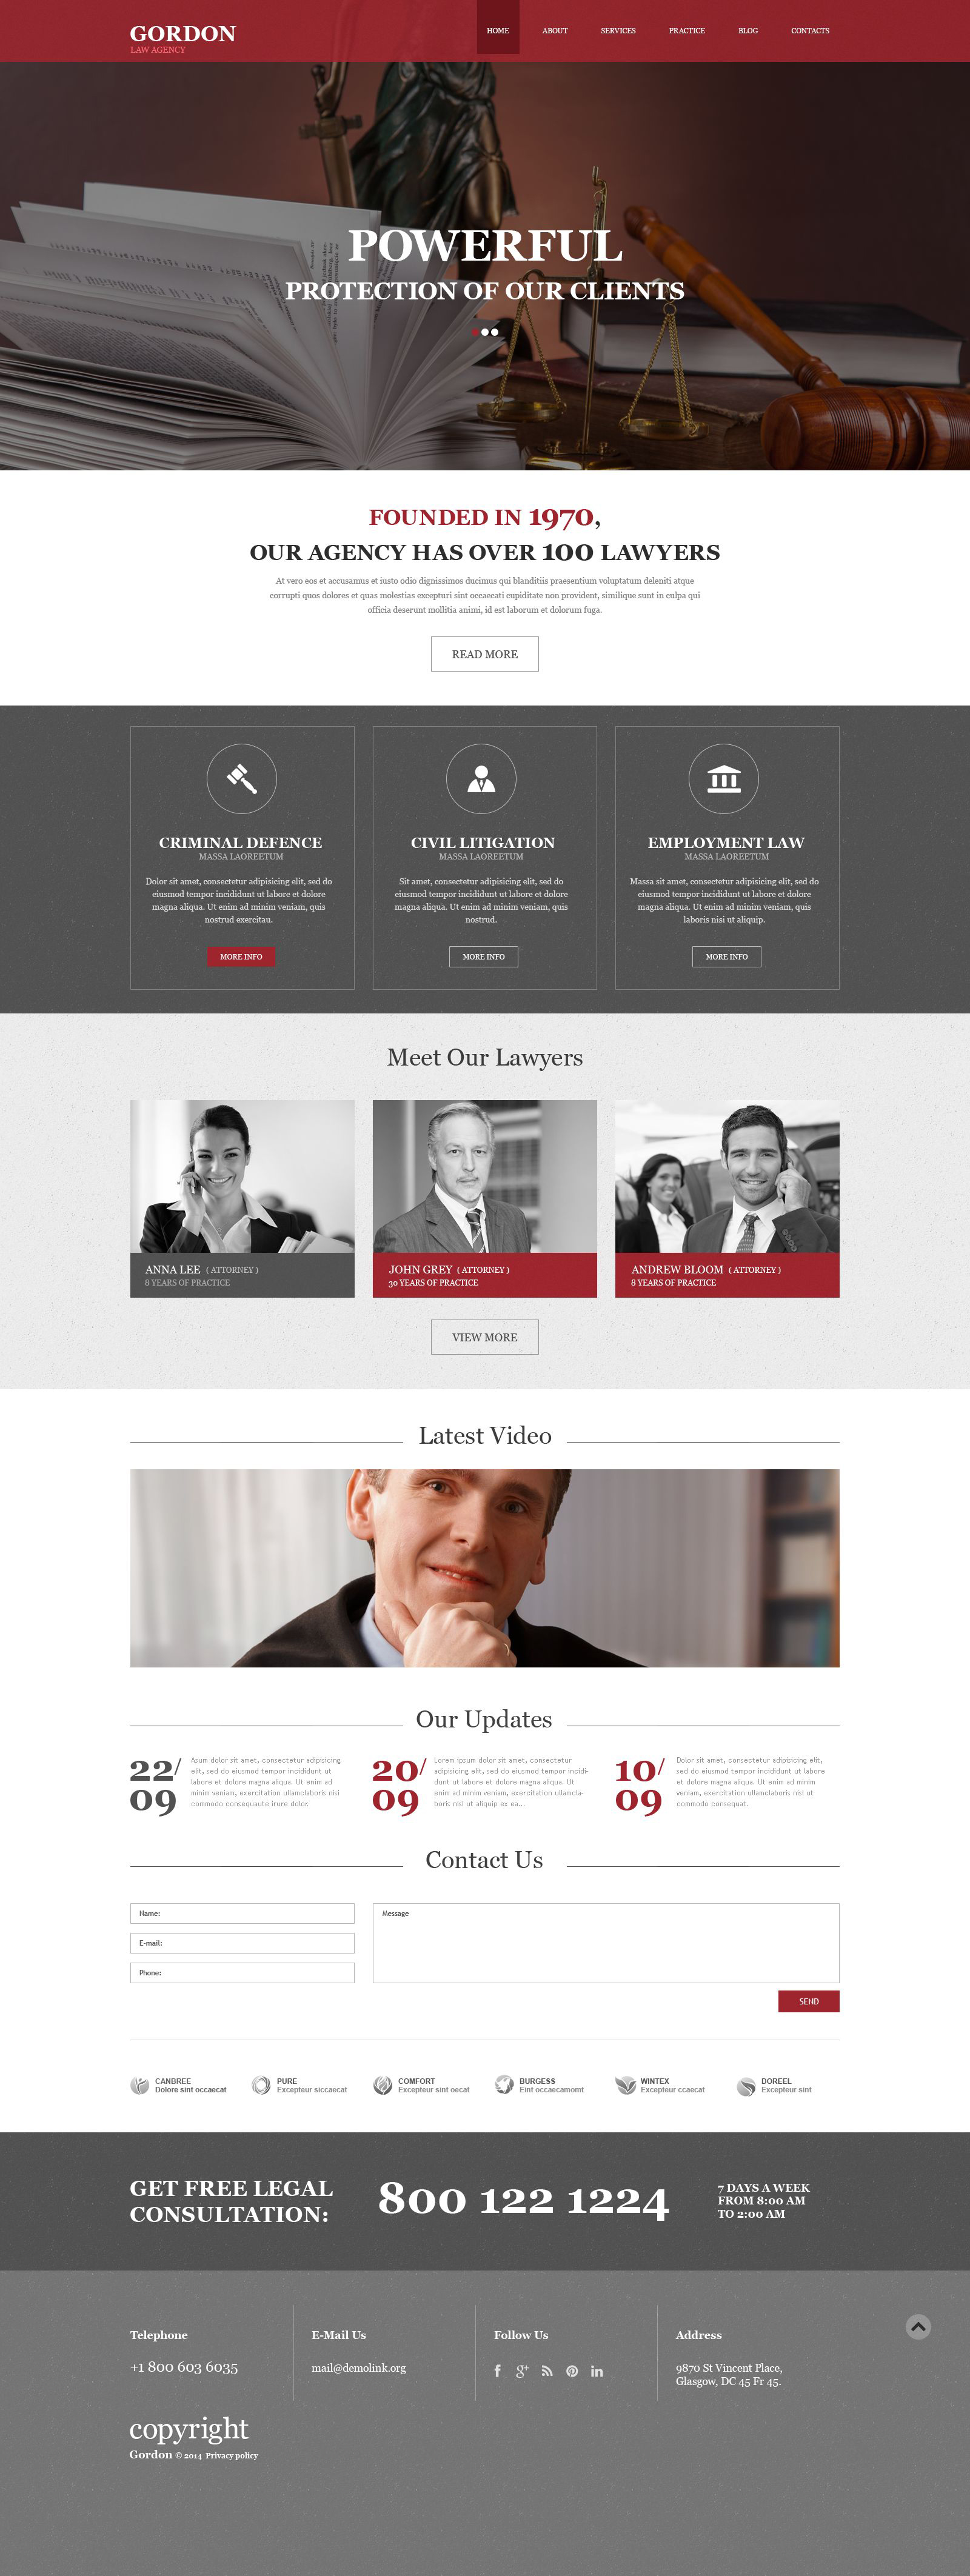 Template Muse para Sites de Escritório de Advocacia №52048 - captura de tela